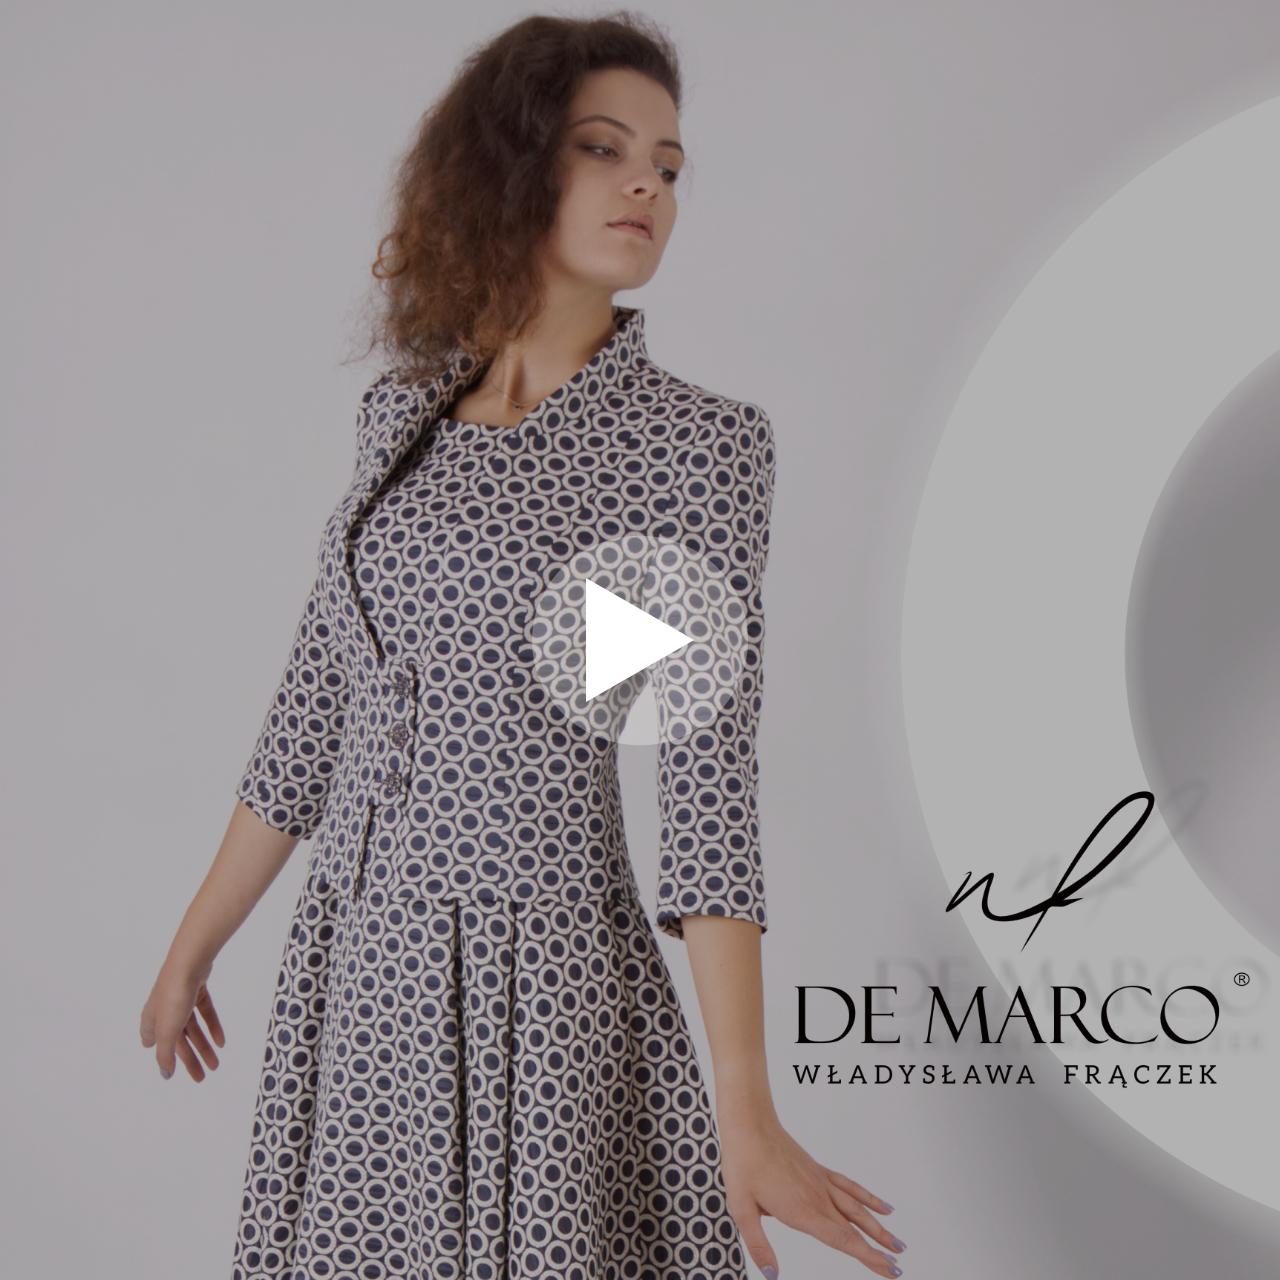 Elegancka sukienka z żakietem w stylu retro dla mamy wesela. Sklep internetowy De Marco.